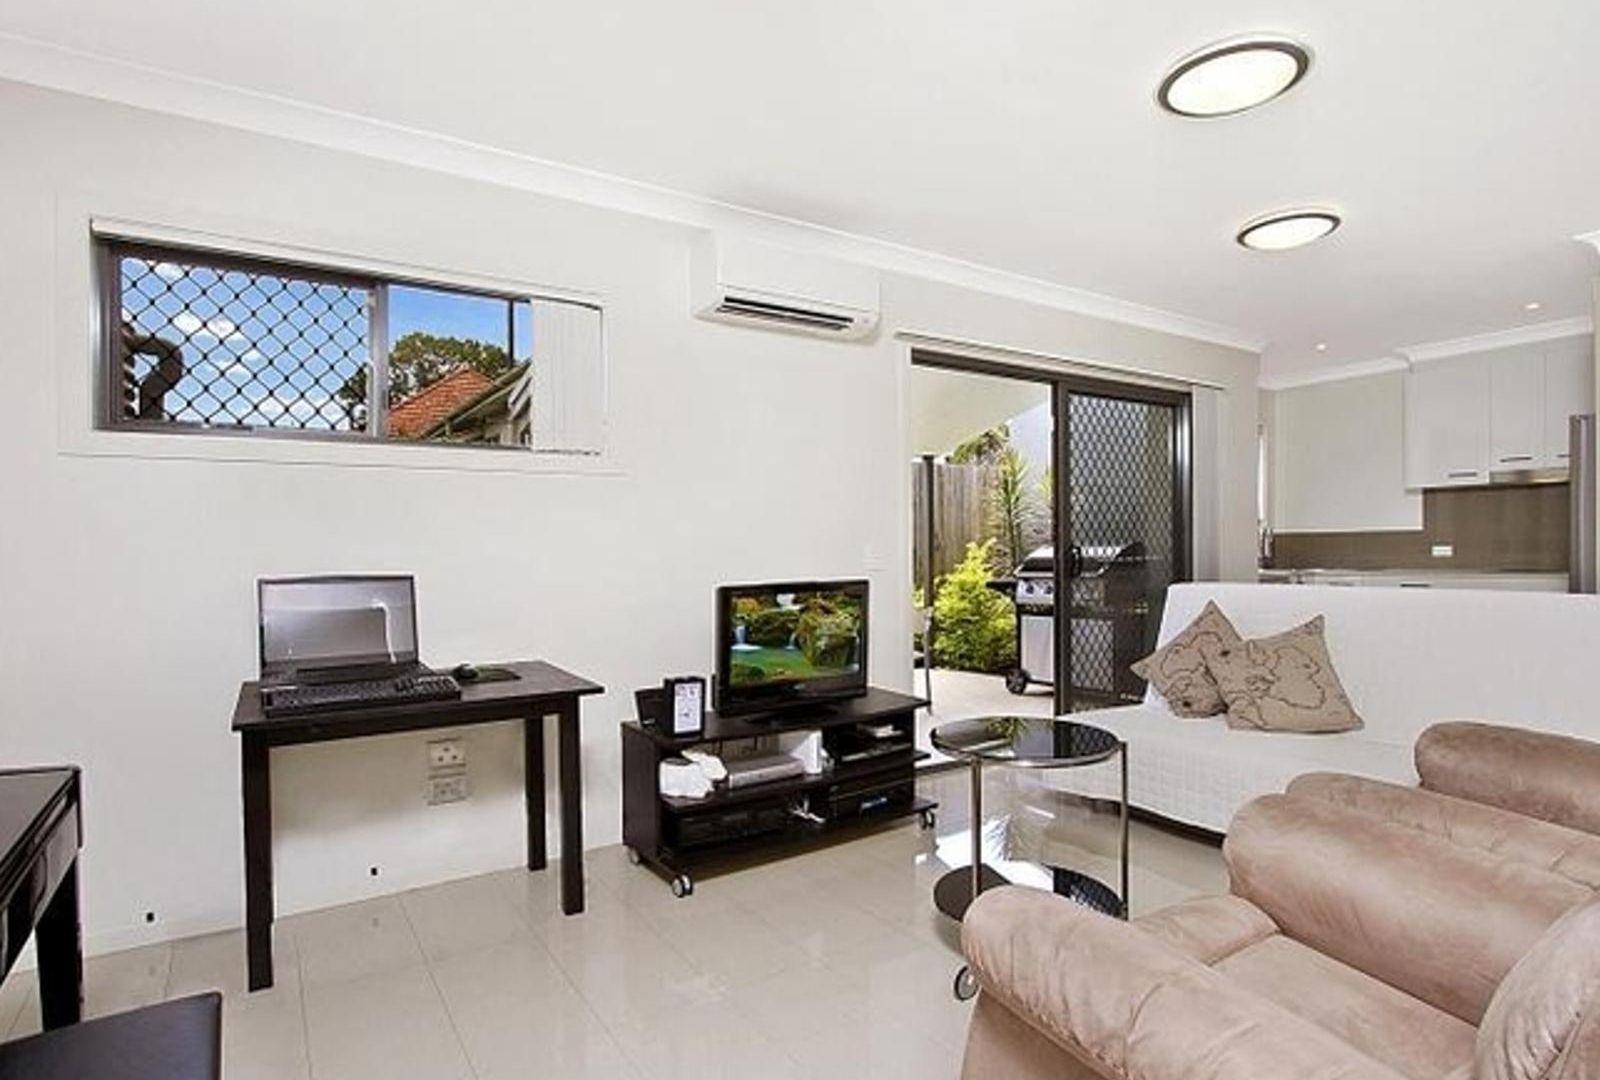 2/79 Kates Street, Morningside QLD 4170, Image 1